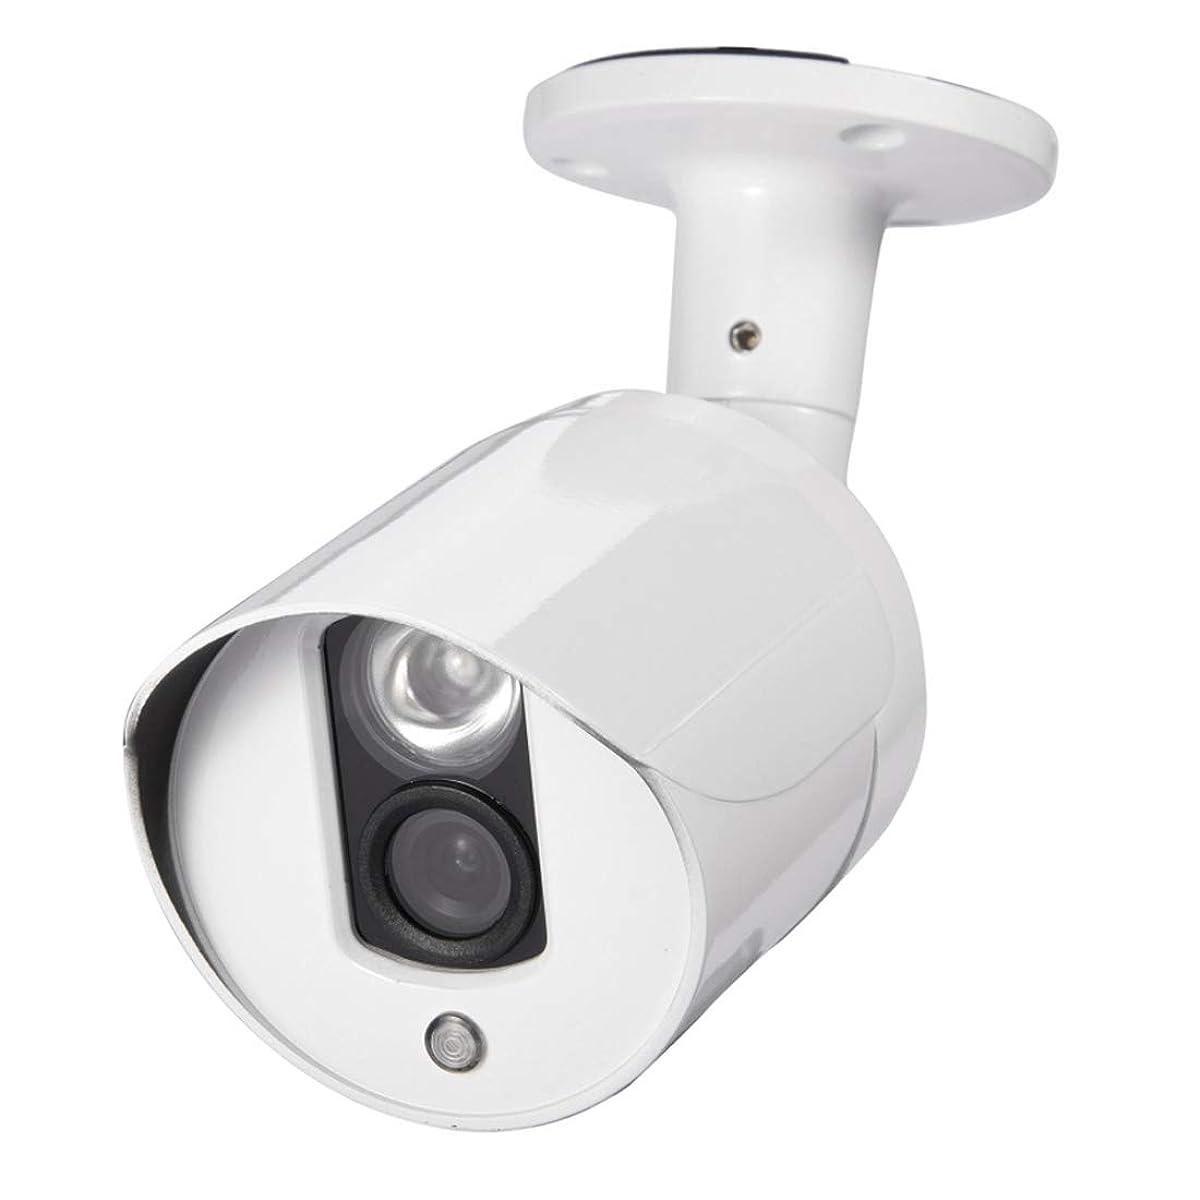 レンダーびっくりする収縮YMF 633W / AHD H.264 HD 720P 1/4インチ1.0メガピクセルアレイ弾丸カメラ、サポートナイトビジョン/動き検出、IR距離:20m